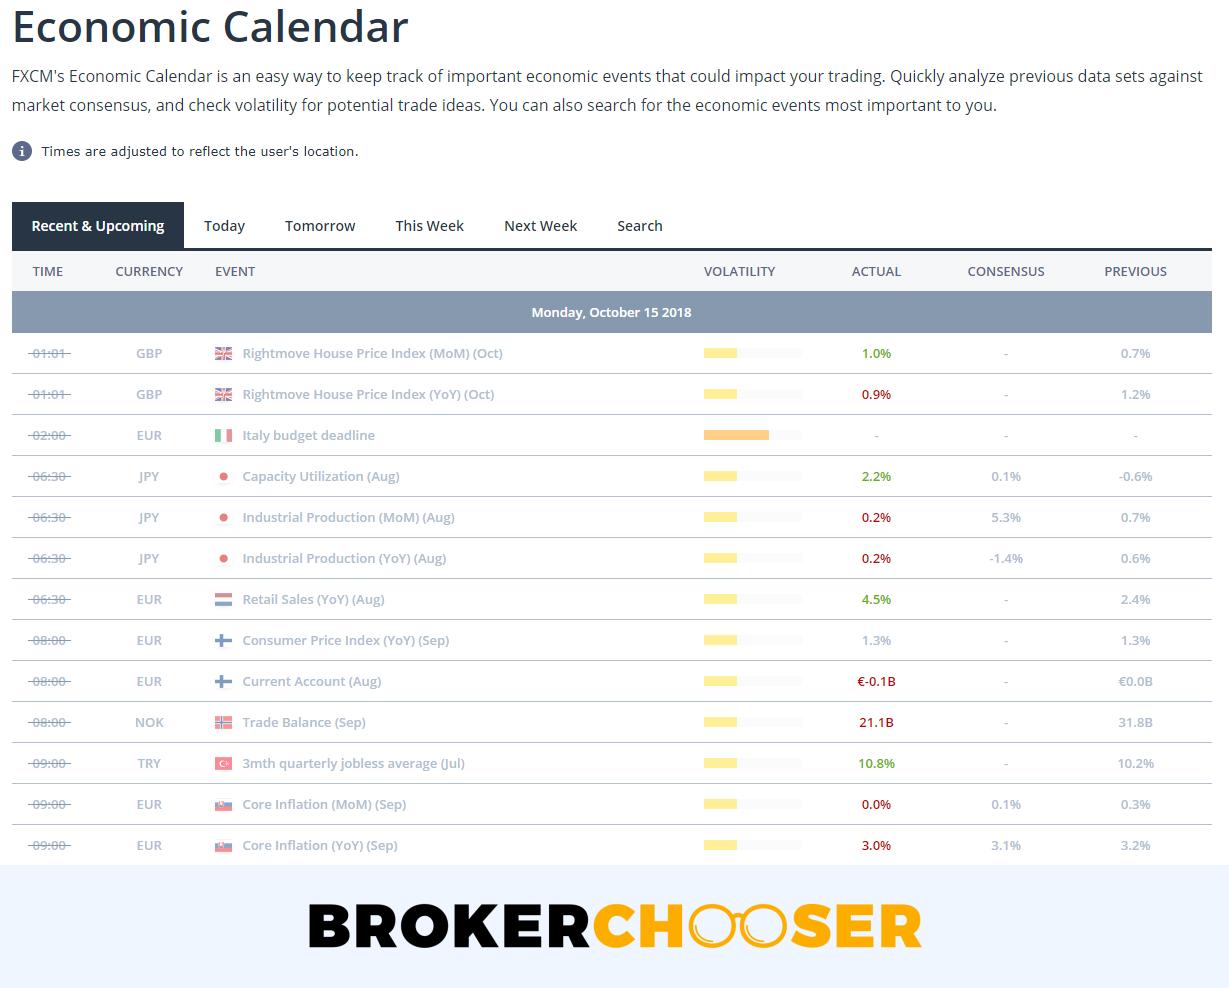 FXCM review - Research - Economic calendar